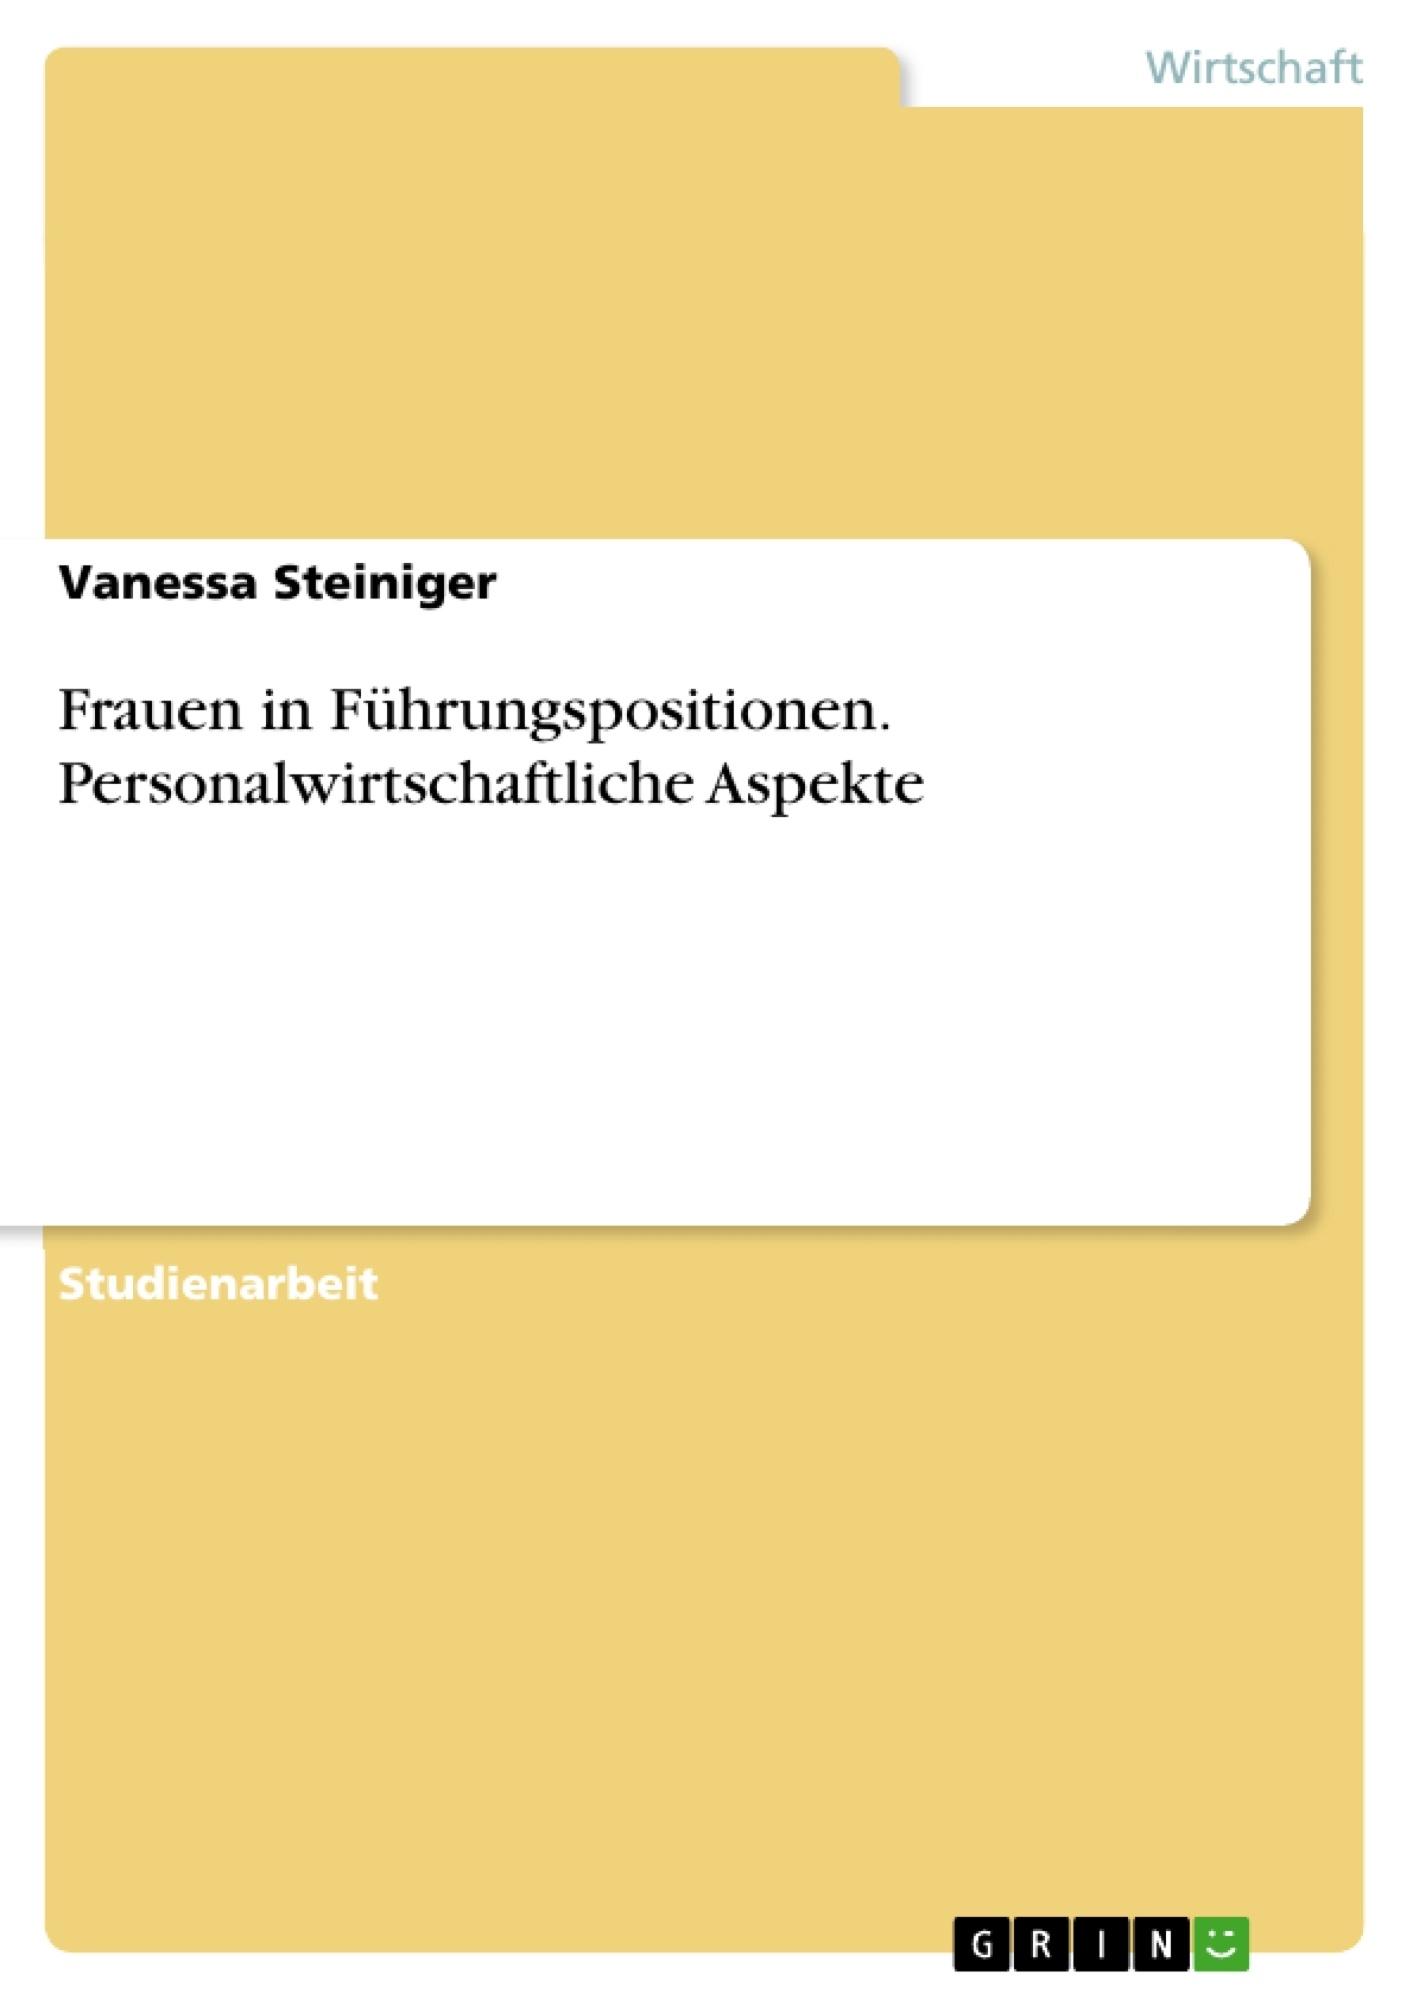 Titel: Frauen in Führungspositionen. Personalwirtschaftliche Aspekte